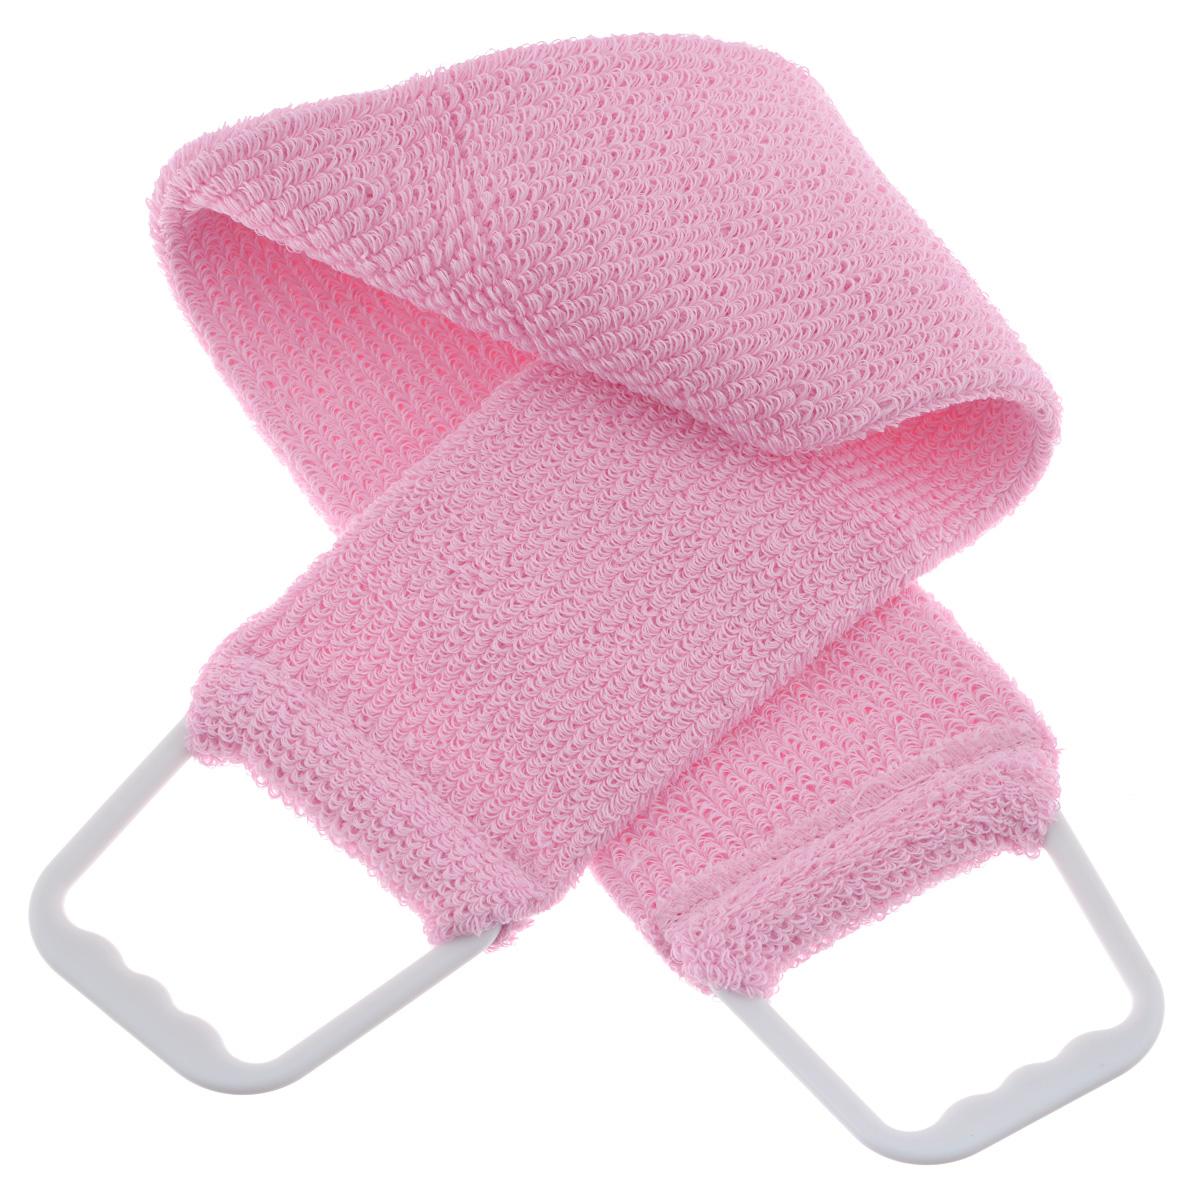 Мочалка 103, цвет: розовый5010777142037Мочалка-пояс Riffi используется для мытья тела, обладает активным пилинговым действием, тонизируя, массируя и эффективно очищая вашу кожу. Хлопковая основа придает мочалке высокие моющие свойства, а примесь жестких синтетических волокон усиливает ее массажное воздействие на кожу. Для удобства применения пояс снабжен двумя пластиковыми ручками. Благодаря отшелушивающему эффекту мочалки-пояса, кожа освобождается от отмерших клеток, становится гладкой, упругой и свежей. Массаж тела с применением Riffi стимулирует кровообращение, активирует кровоснабжение, способствует обмену веществ, что в свою очередь позволяет себя чувствовать бодрым и отдохнувшим после принятия душа или ванны. Riffi регенерирует кожу, делает ее приятно нежной, мягкой и лучше готовой к принятию косметических средств. Приносит приятное расслабление всему организму. Борется со спазмами и болями в мышцах, предупреждает образование целлюлита и обеспечивает омолаживающий эффект. Моет легко и энергично. Быстро сохнет. Гипоаллергенная.